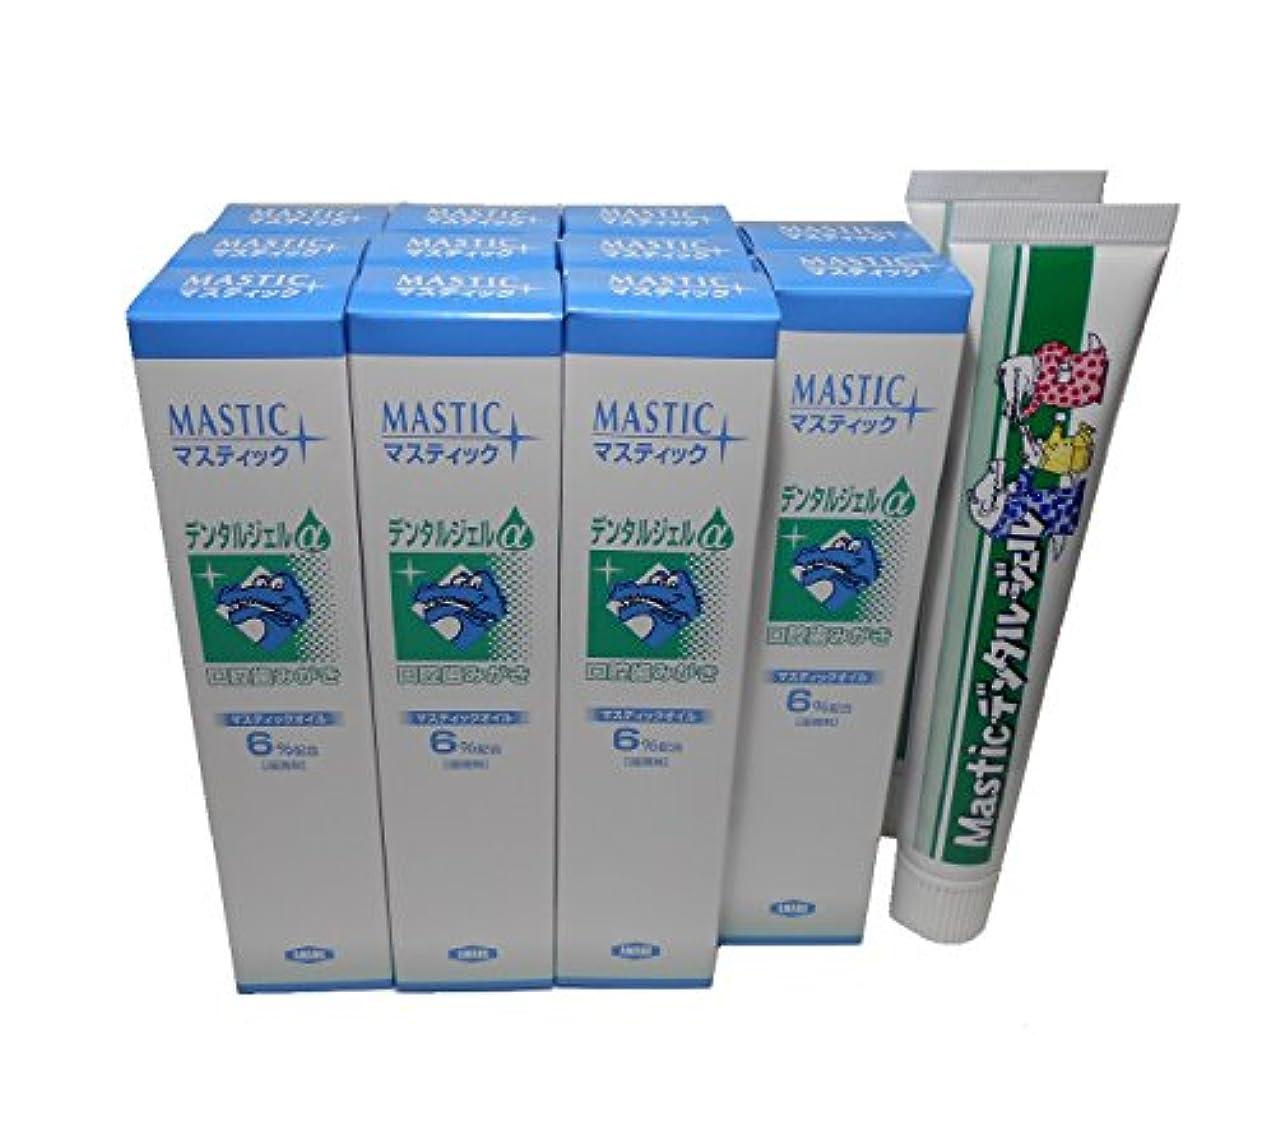 カフェ投資延期するMASTIC マスティックデンタルジェルα45g(6%配合)11個+MASTIC デンタルエッセンスジェルMSローヤルⅡ増量50g(10%配合)2個セット